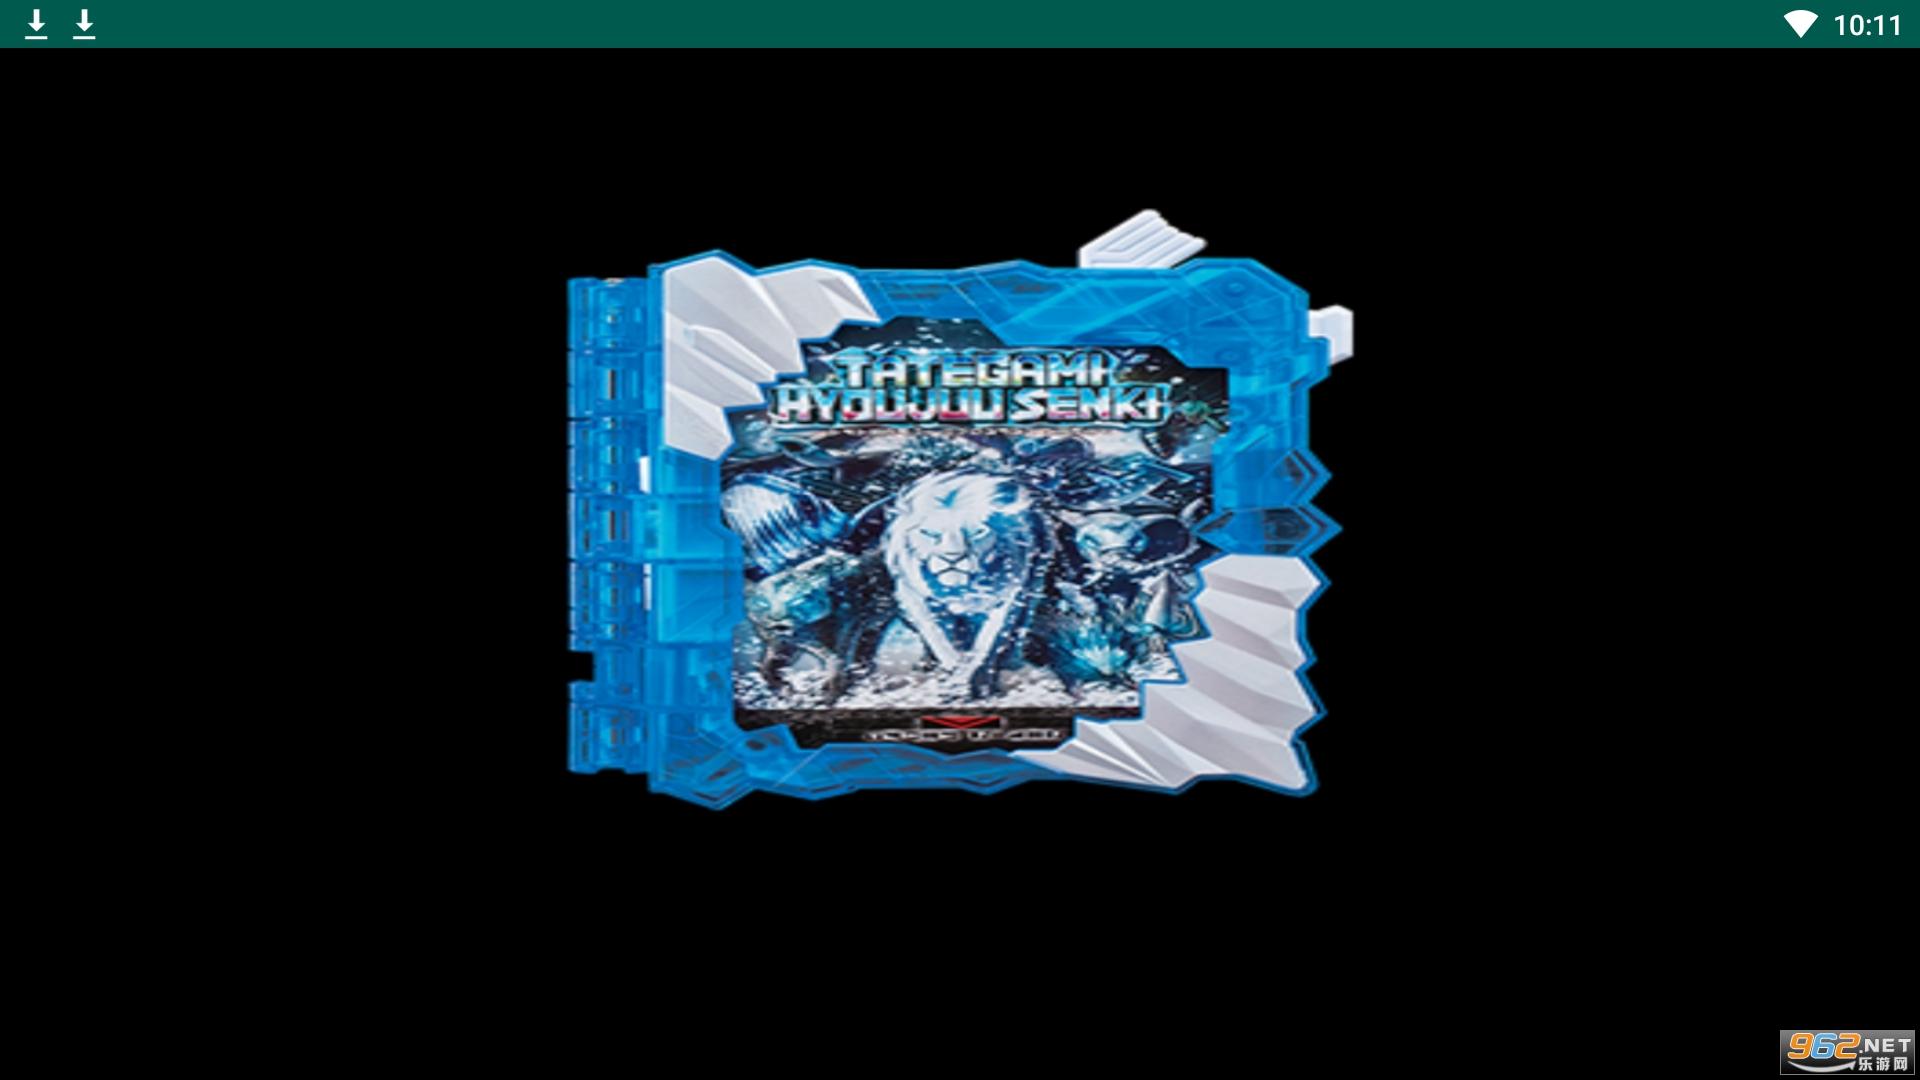 假面骑士冰兽战记腰带v1.5 安卓版截图2